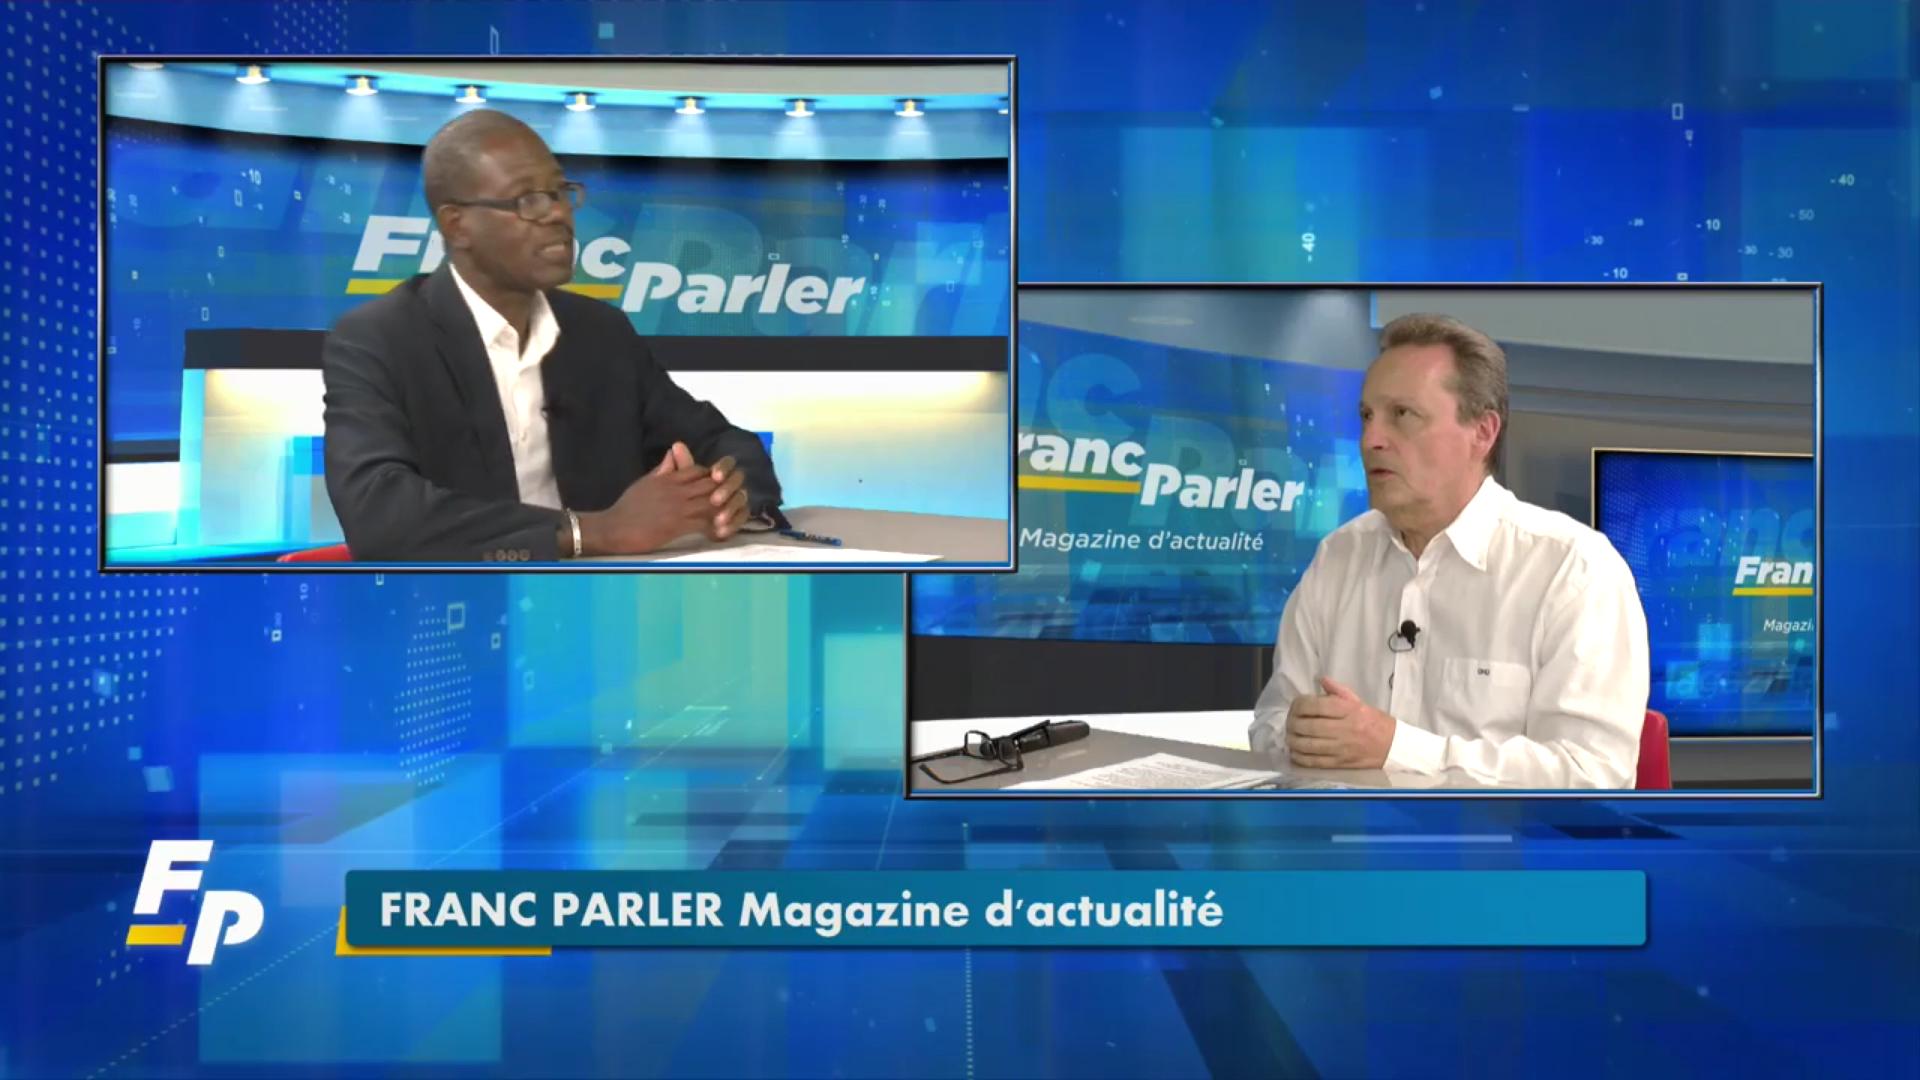 [Vidéo] Onews Guadeloupe. Bruno BLANDIN Président de l'UDE-MEDEF invité de Franc Parler (Eclair Tv)